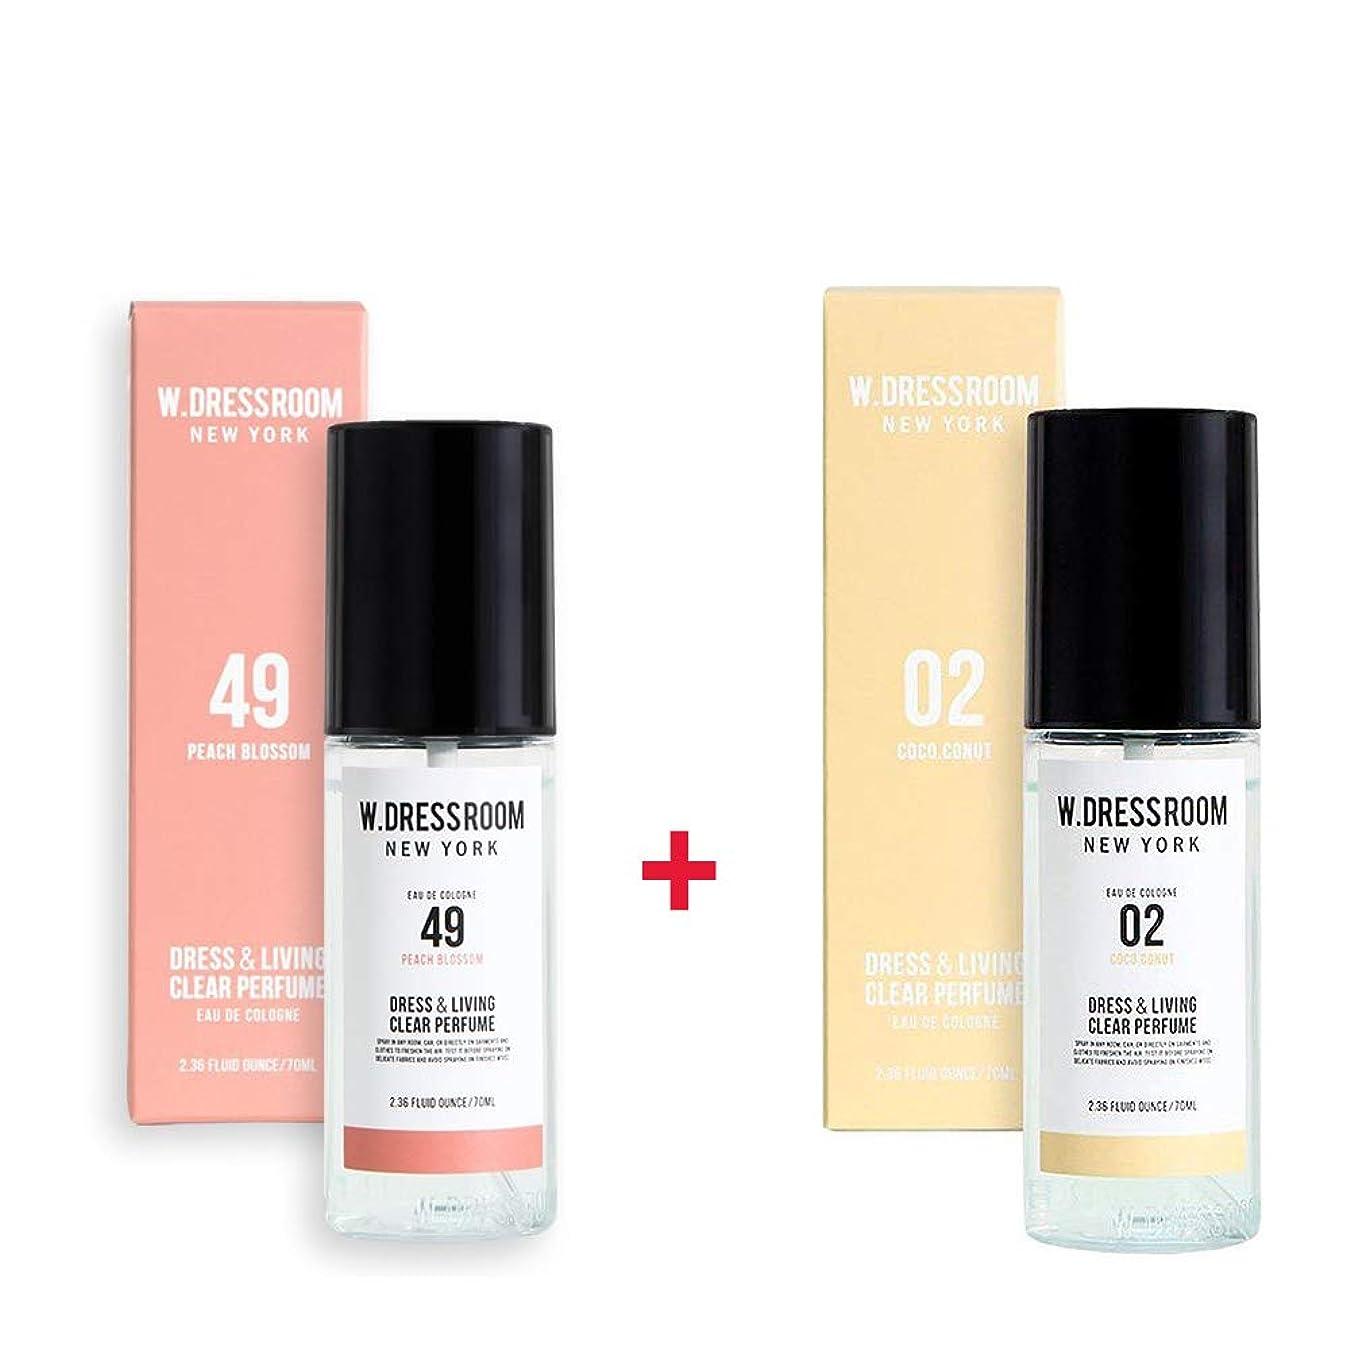 一元化する人事アプトW.DRESSROOM Dress & Living Clear Perfume 70ml (No 49 Peach Blossom)+(No .02 Coco Conut)